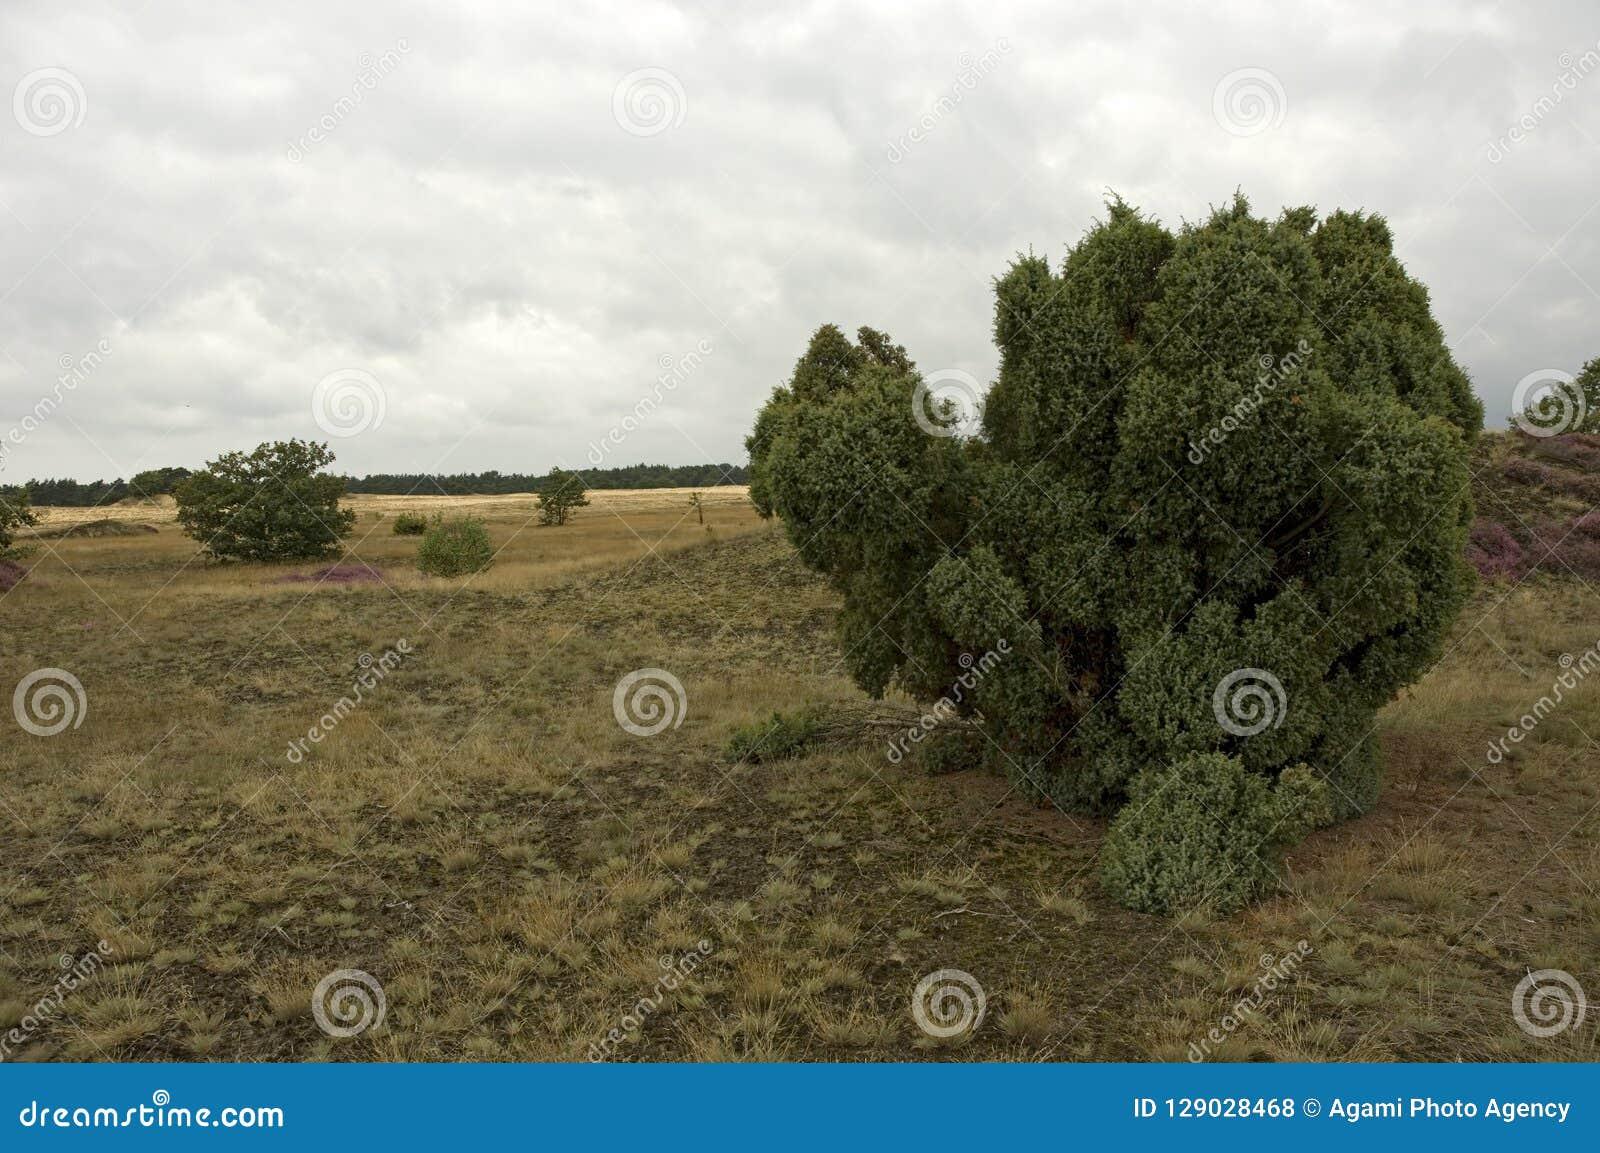 Jeneverbes, Common Juniper, Juniperus communis